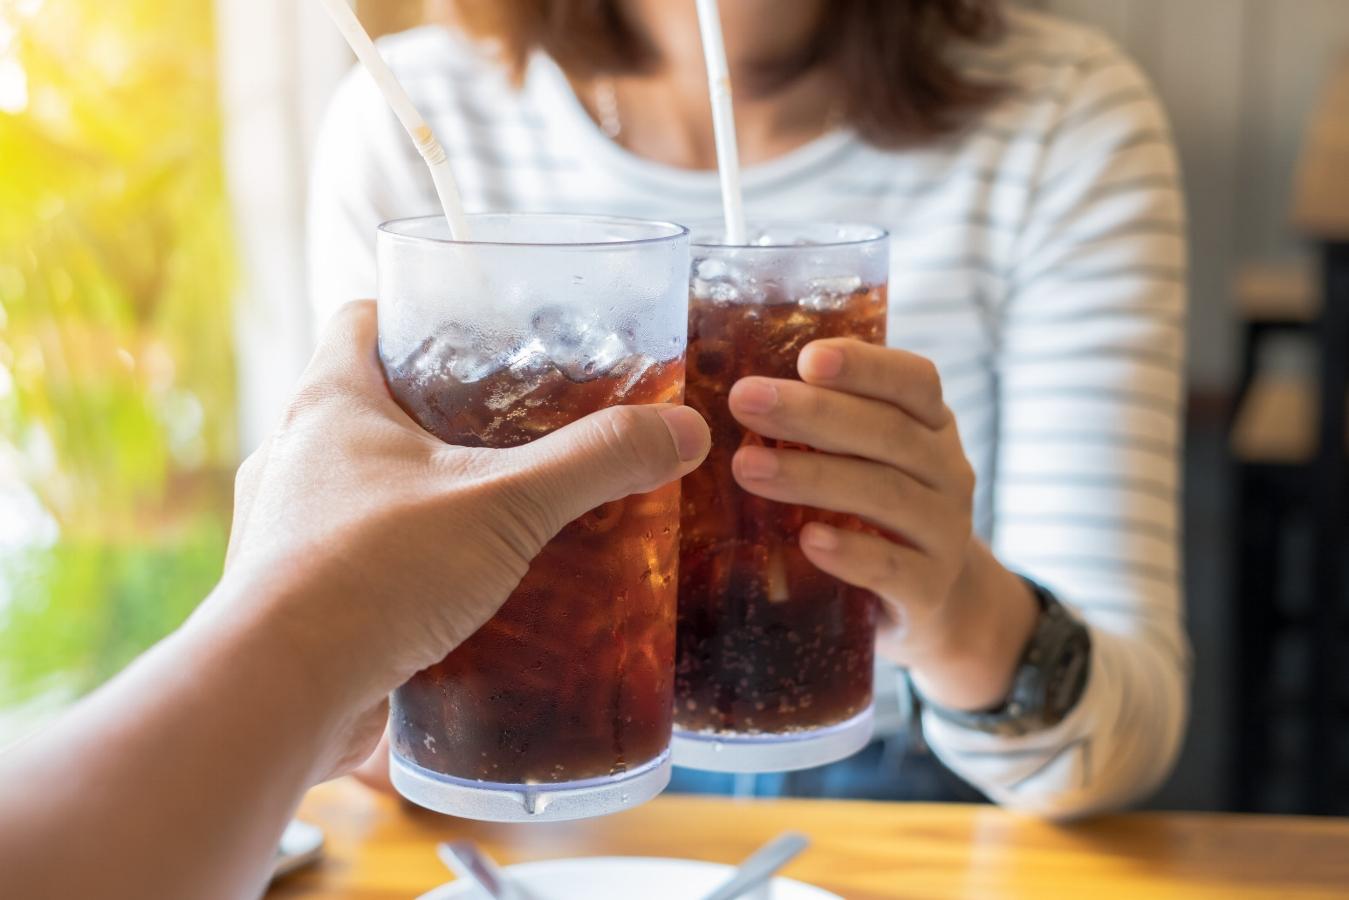 The Great Soda Debate